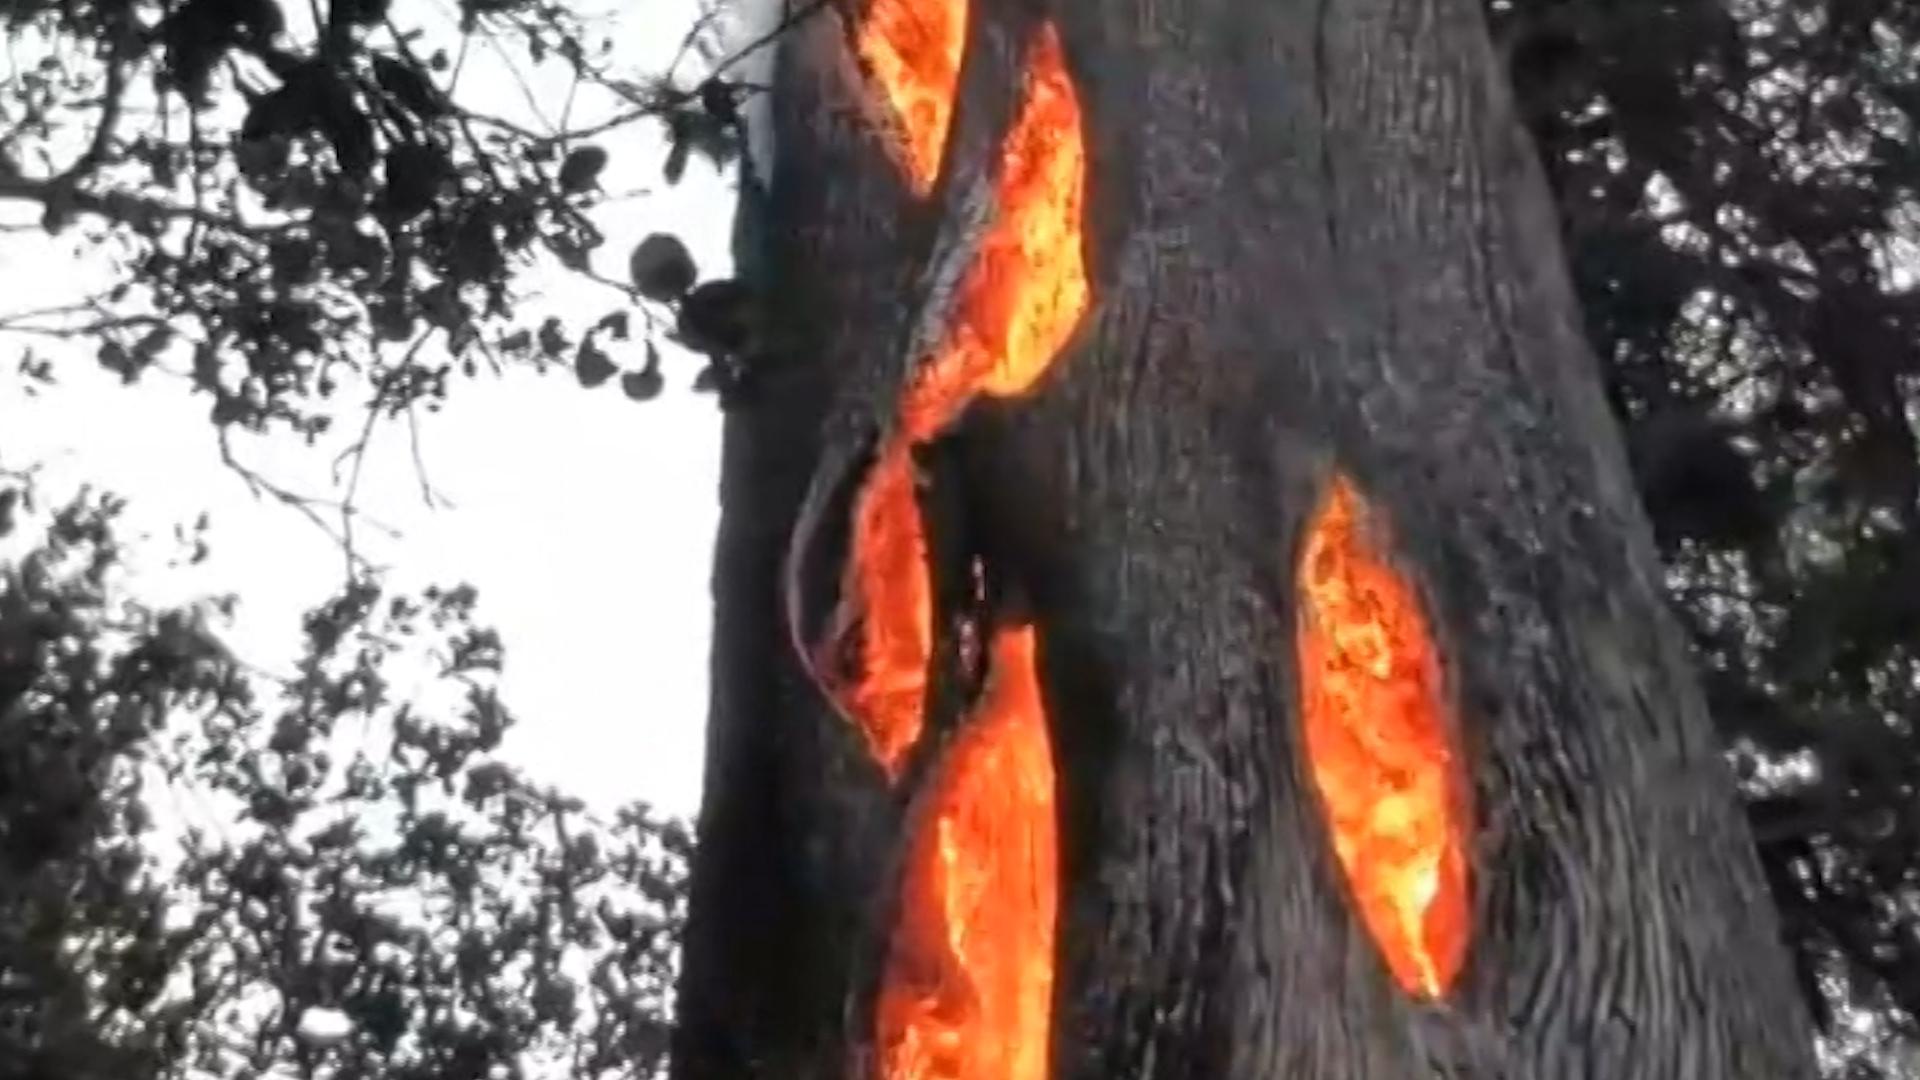 Watch as fire burns inside hollow tree - CNN Video